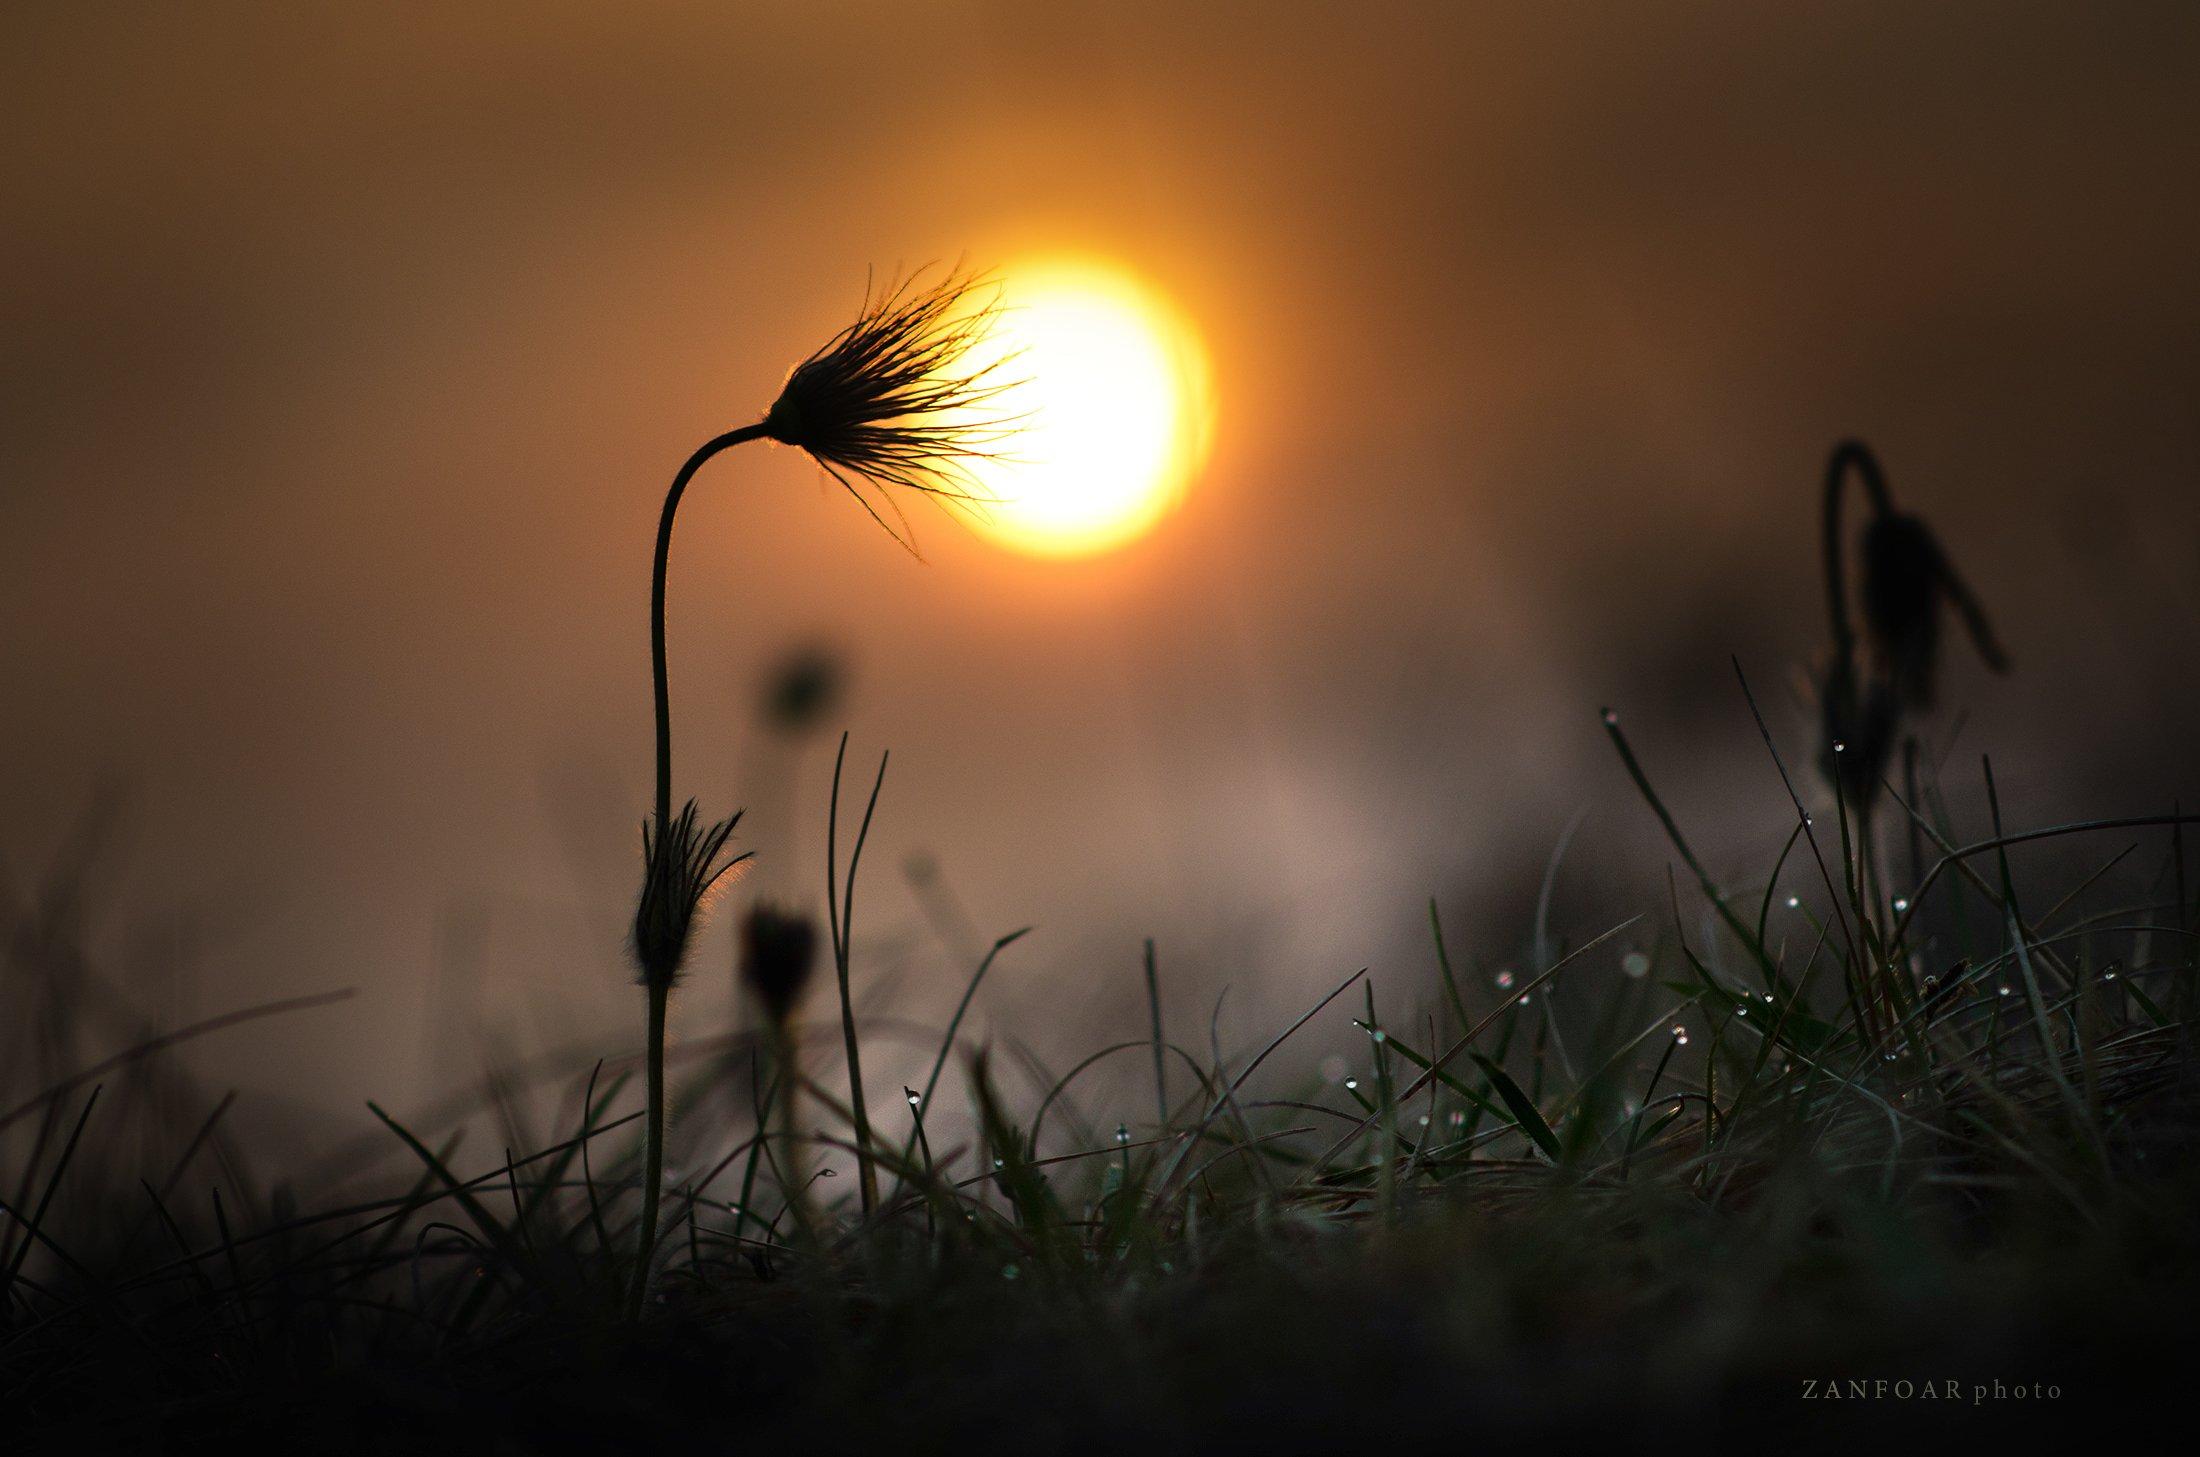 pulsatilla grandis,бархатный цвет,окзакат,пейзаж,природа,цвет,zanfoar,макро,чешская республика,czech ,republic,nikon d7000,twin,, Zanfoar